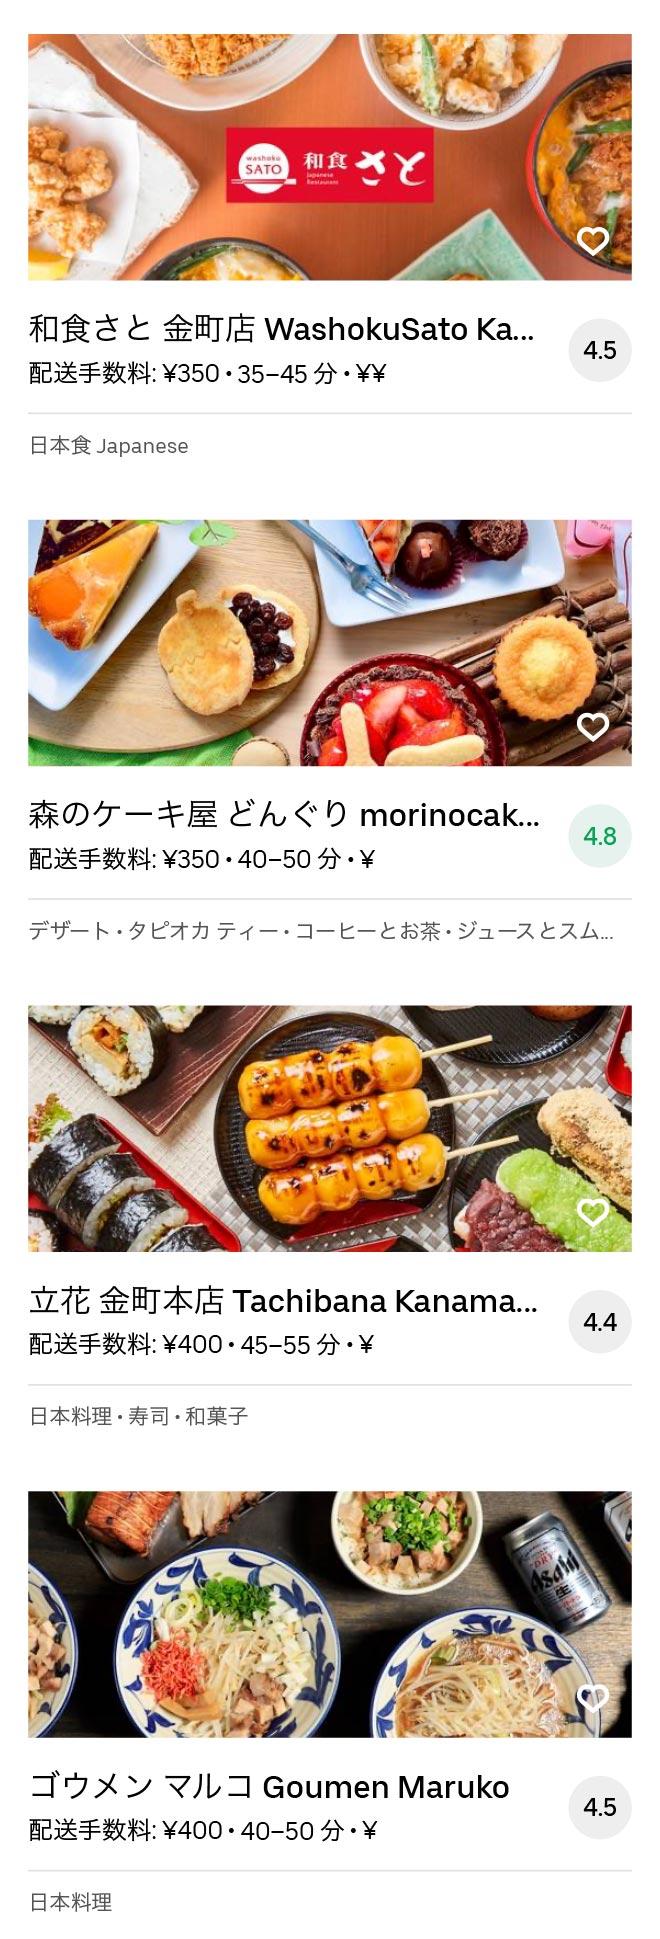 Matsudo menu 2007 06